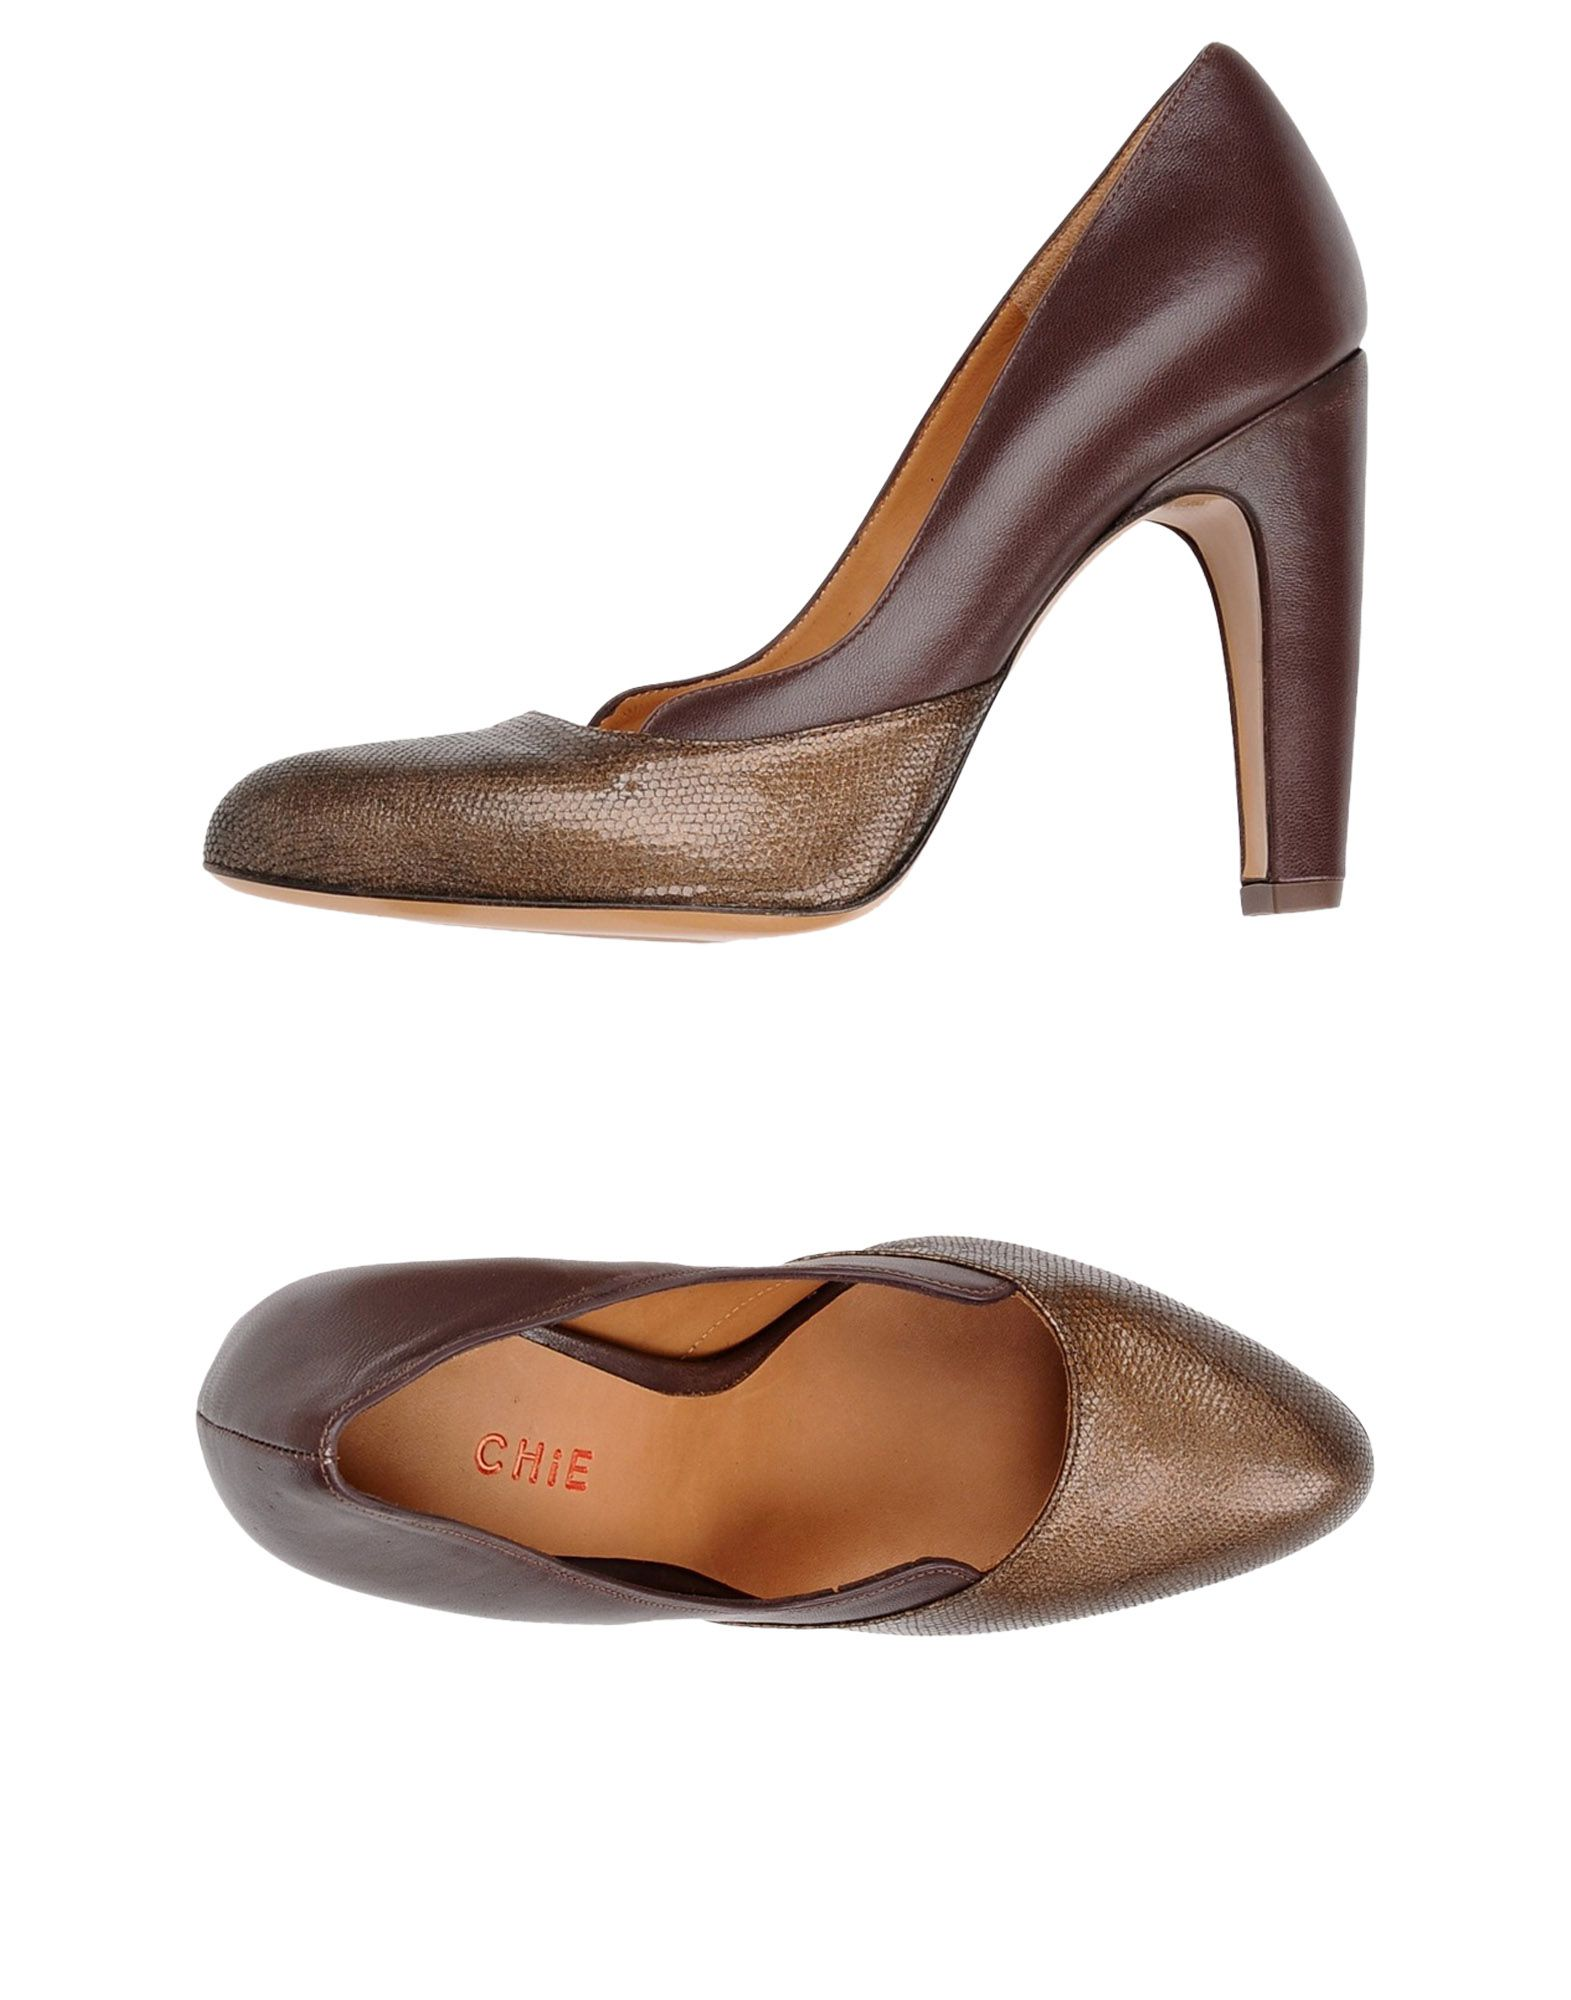 Chie By Chie Mihara Pumps Damen  11349871WMGut aussehende strapazierfähige Schuhe